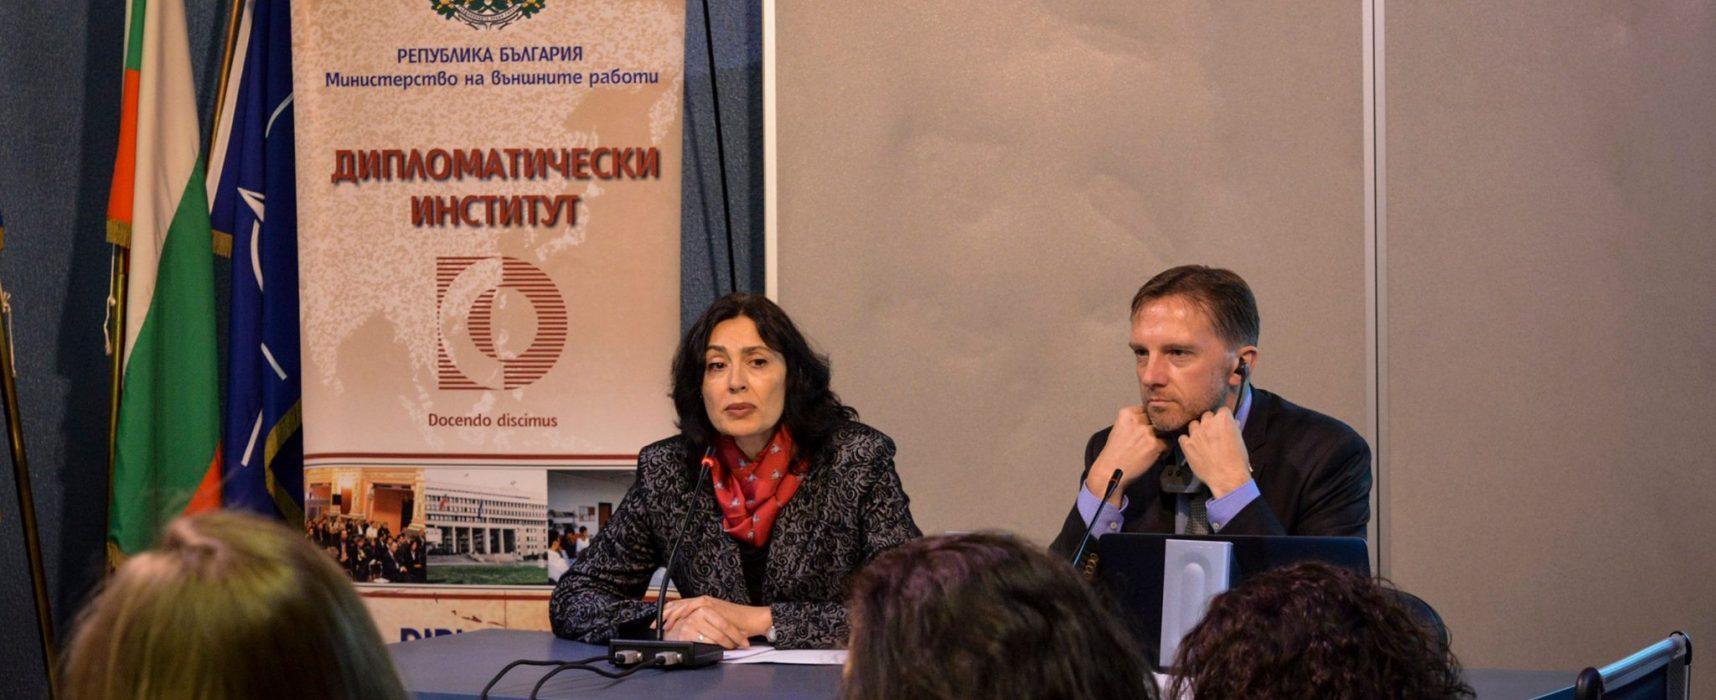 Стивън Меринджър: В руската пропагандна машина работят хиляди